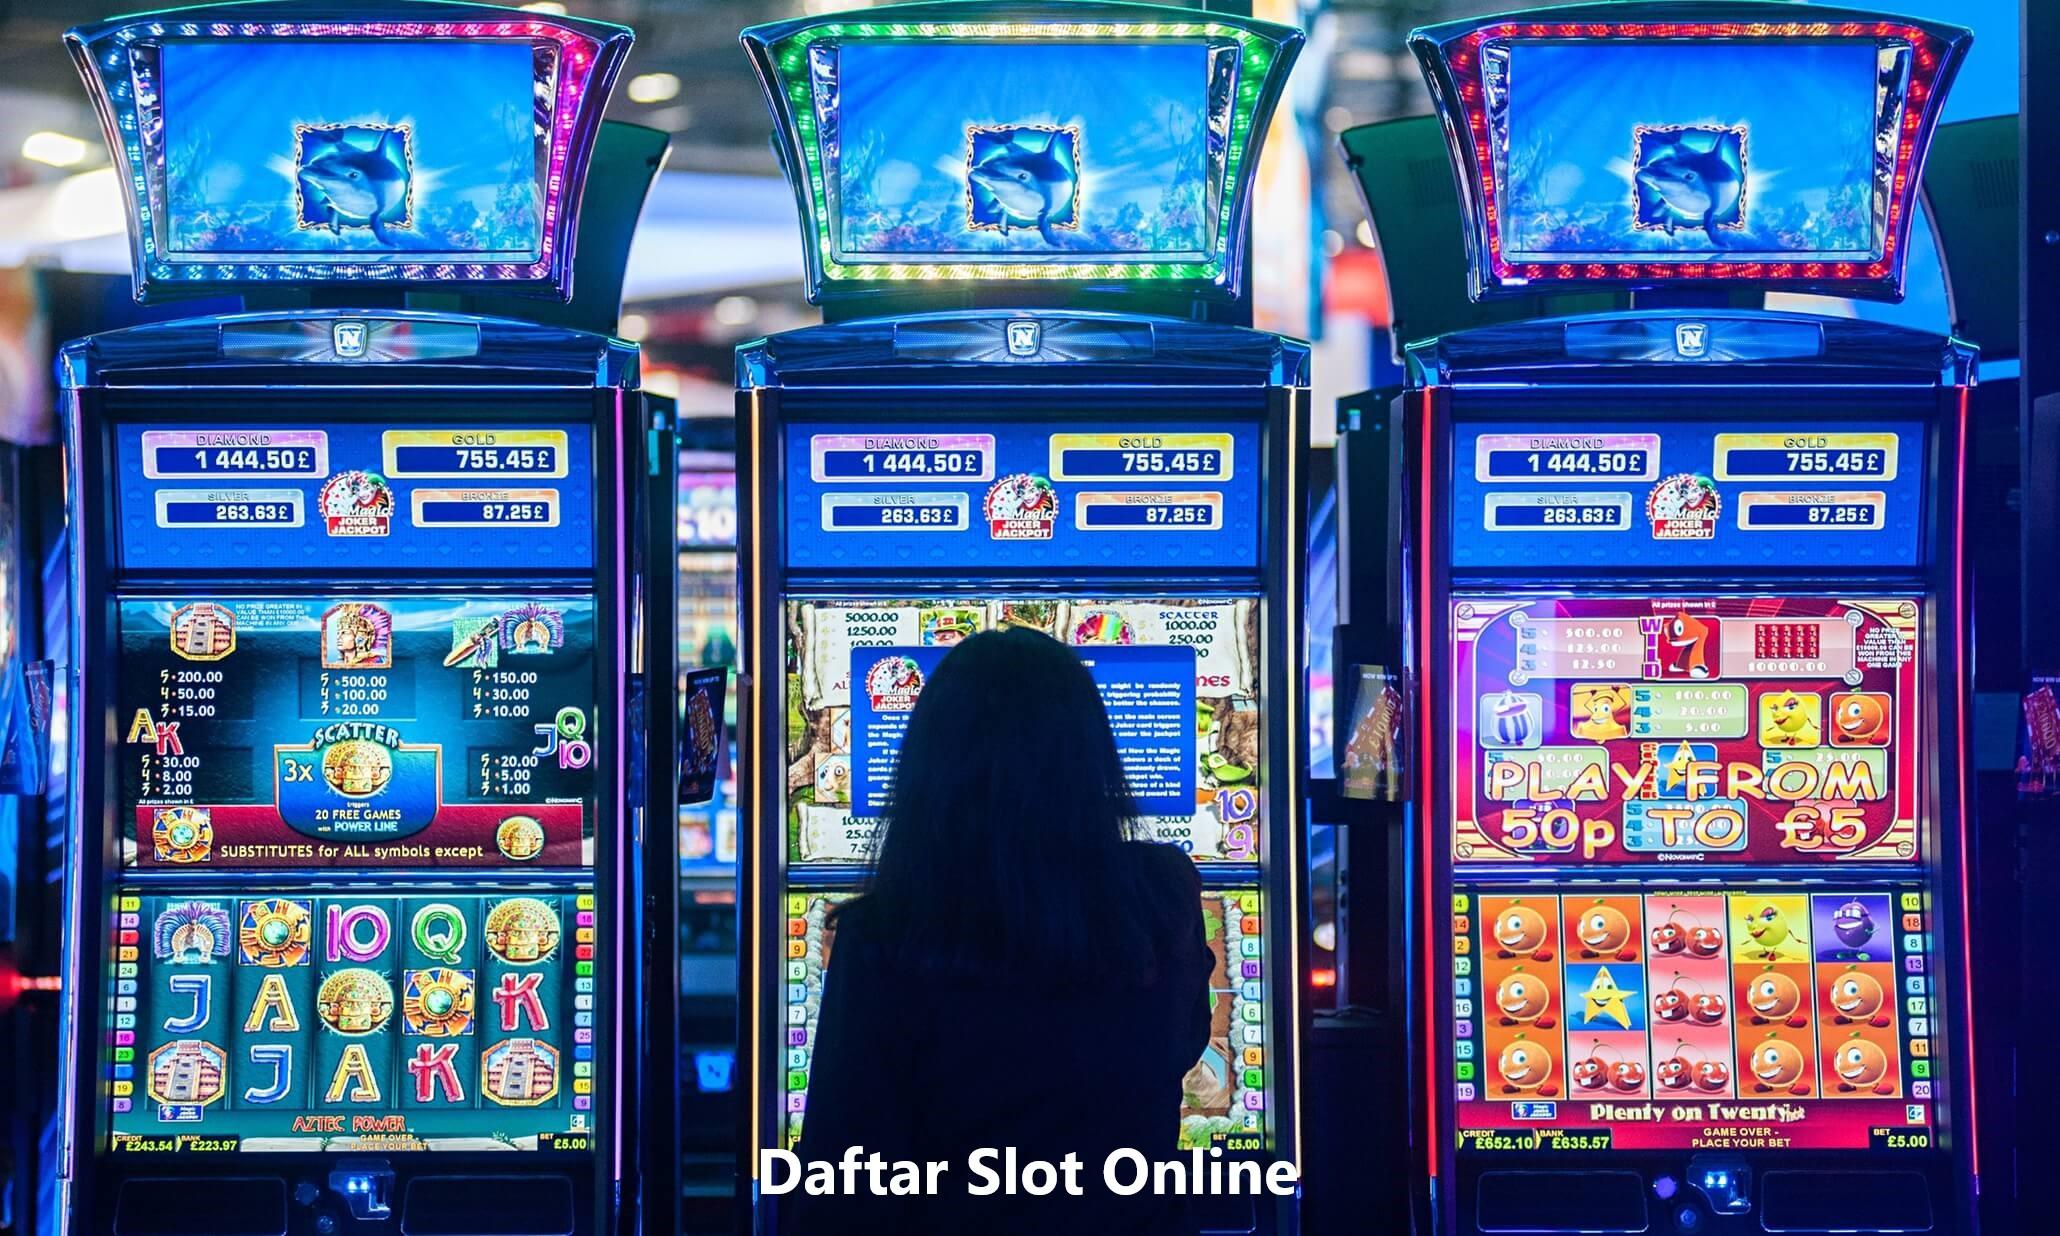 Daftar Slot Online Dengan Mudah di Agen Joker123